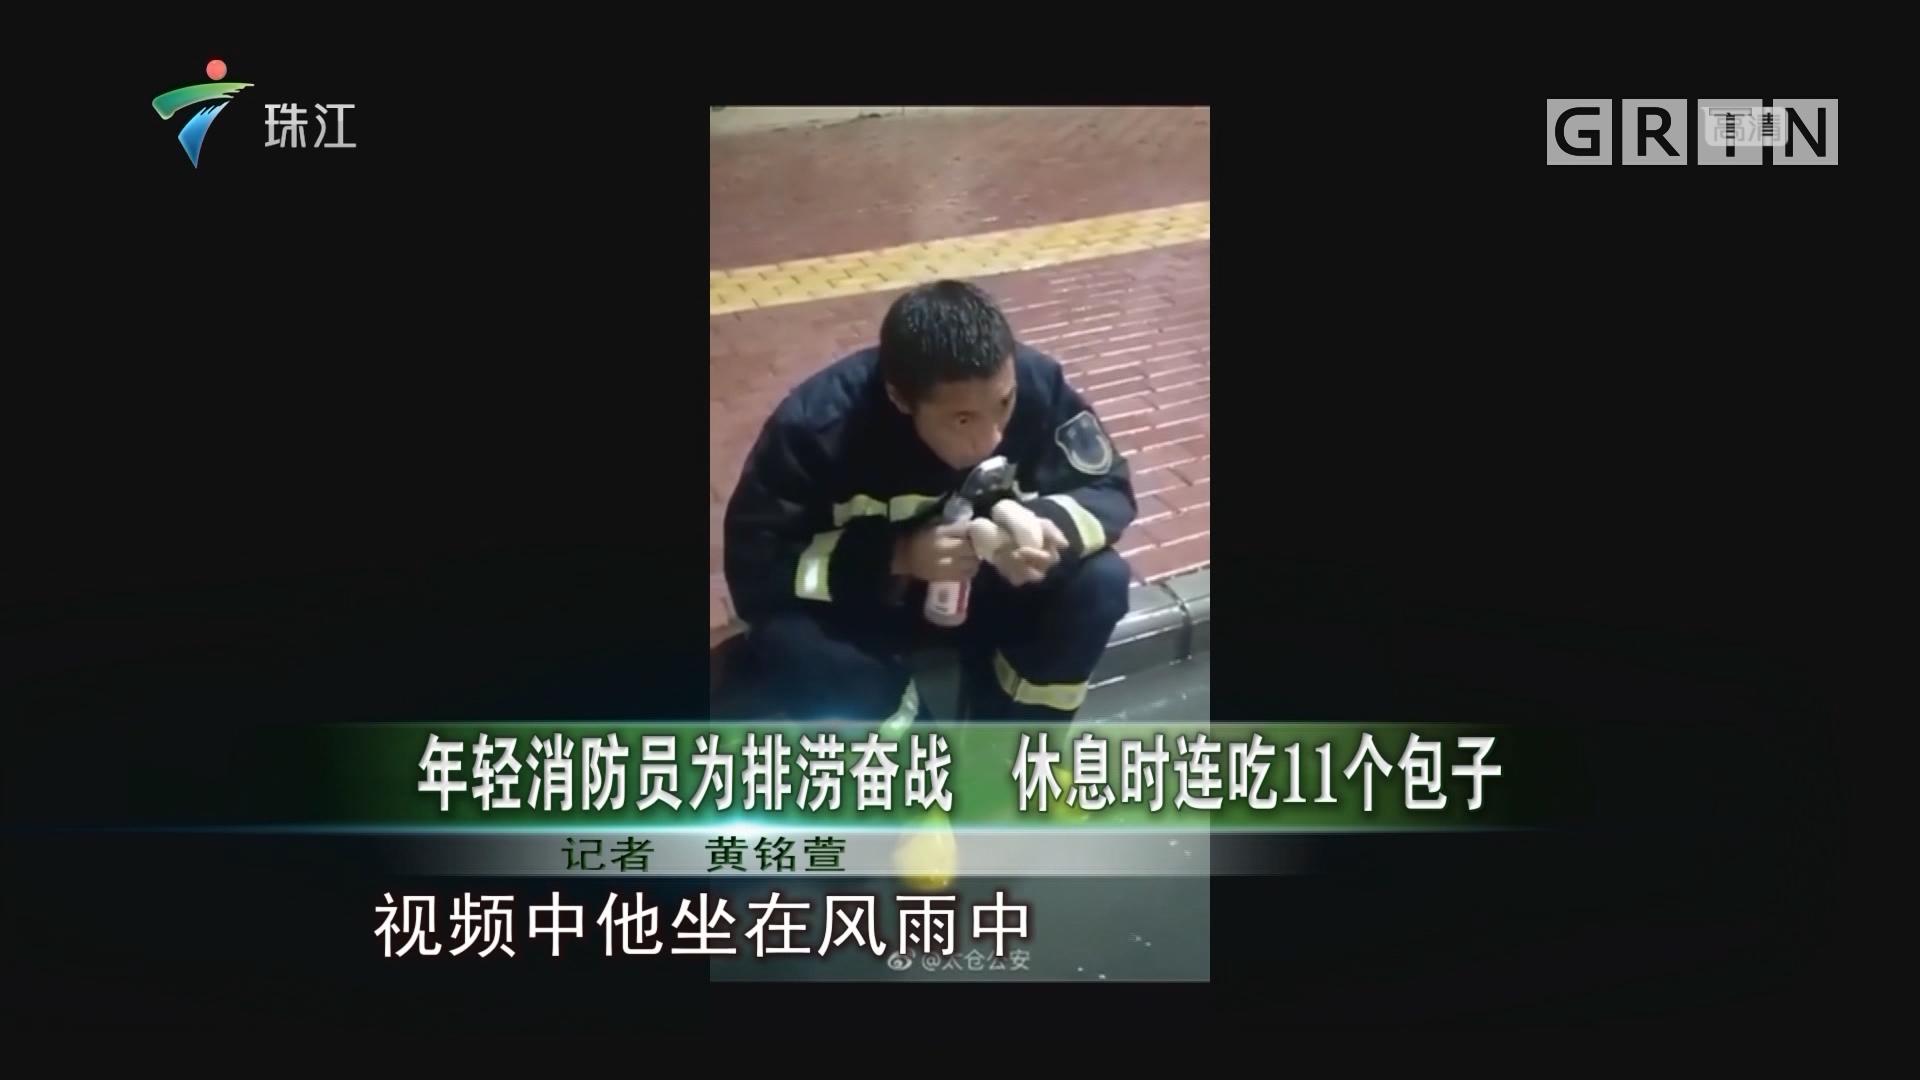 年轻消防员为排涝奋战 休息时连吃11个包子